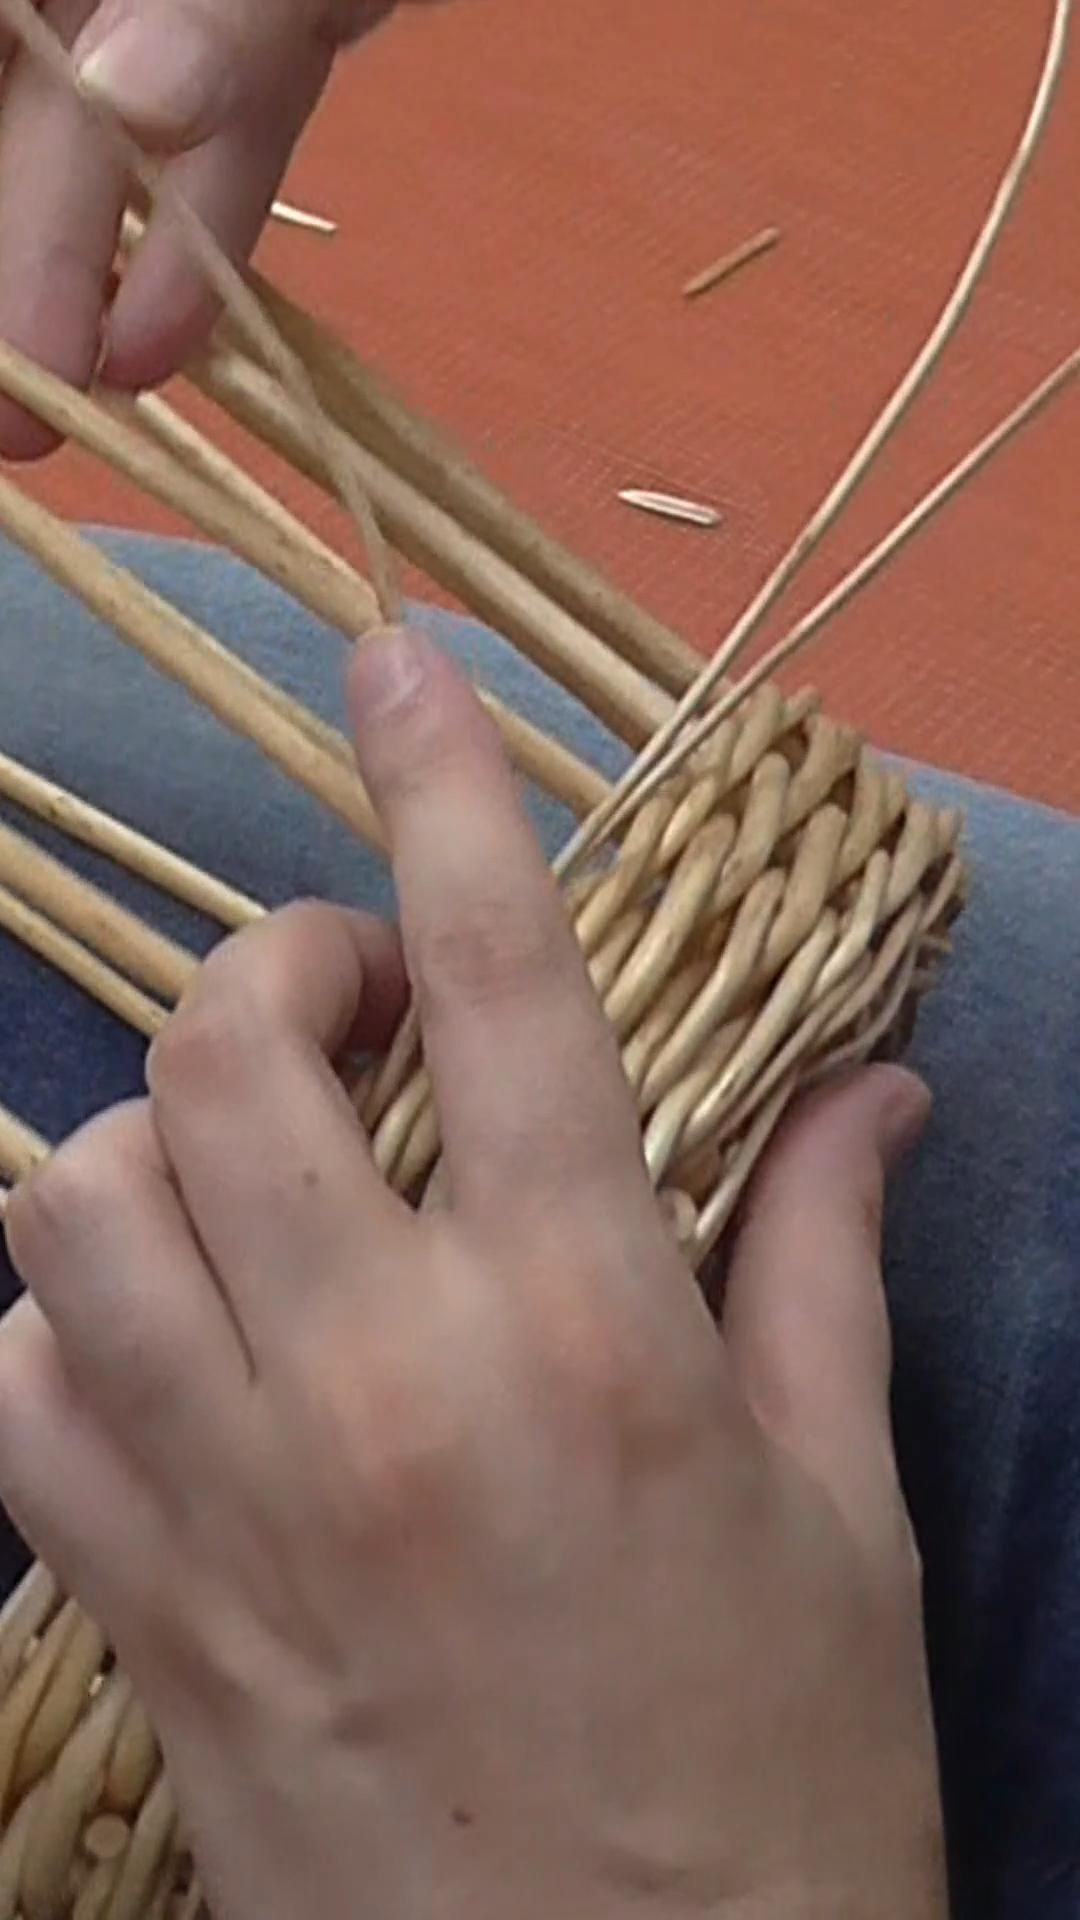 Willow Basket Weaving - Part 3: The Upsett